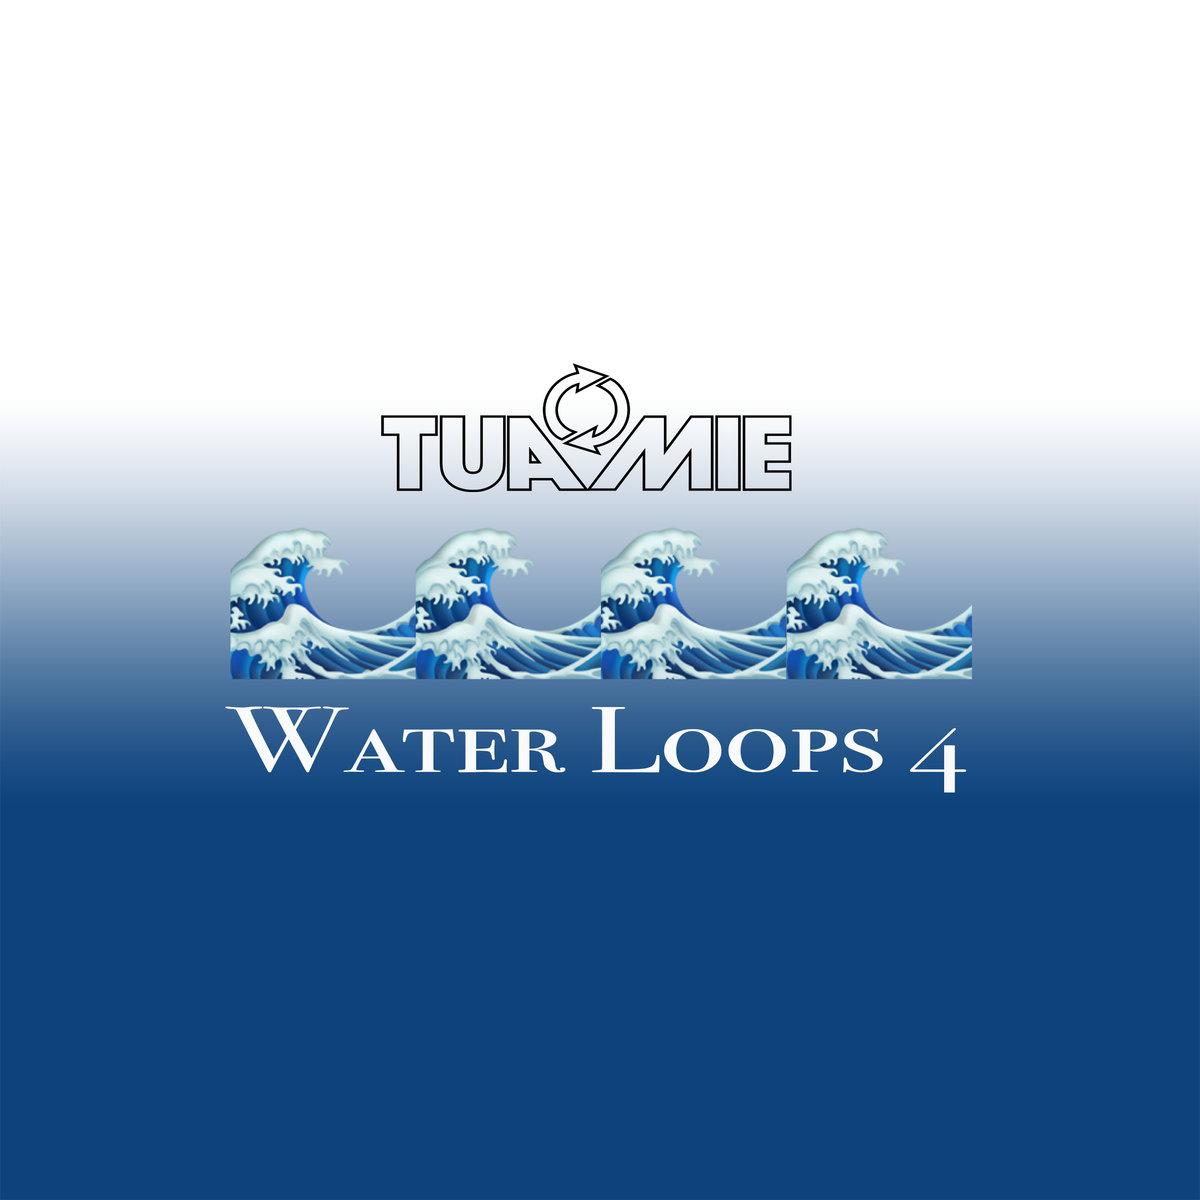 Tuamie – Water Loops4